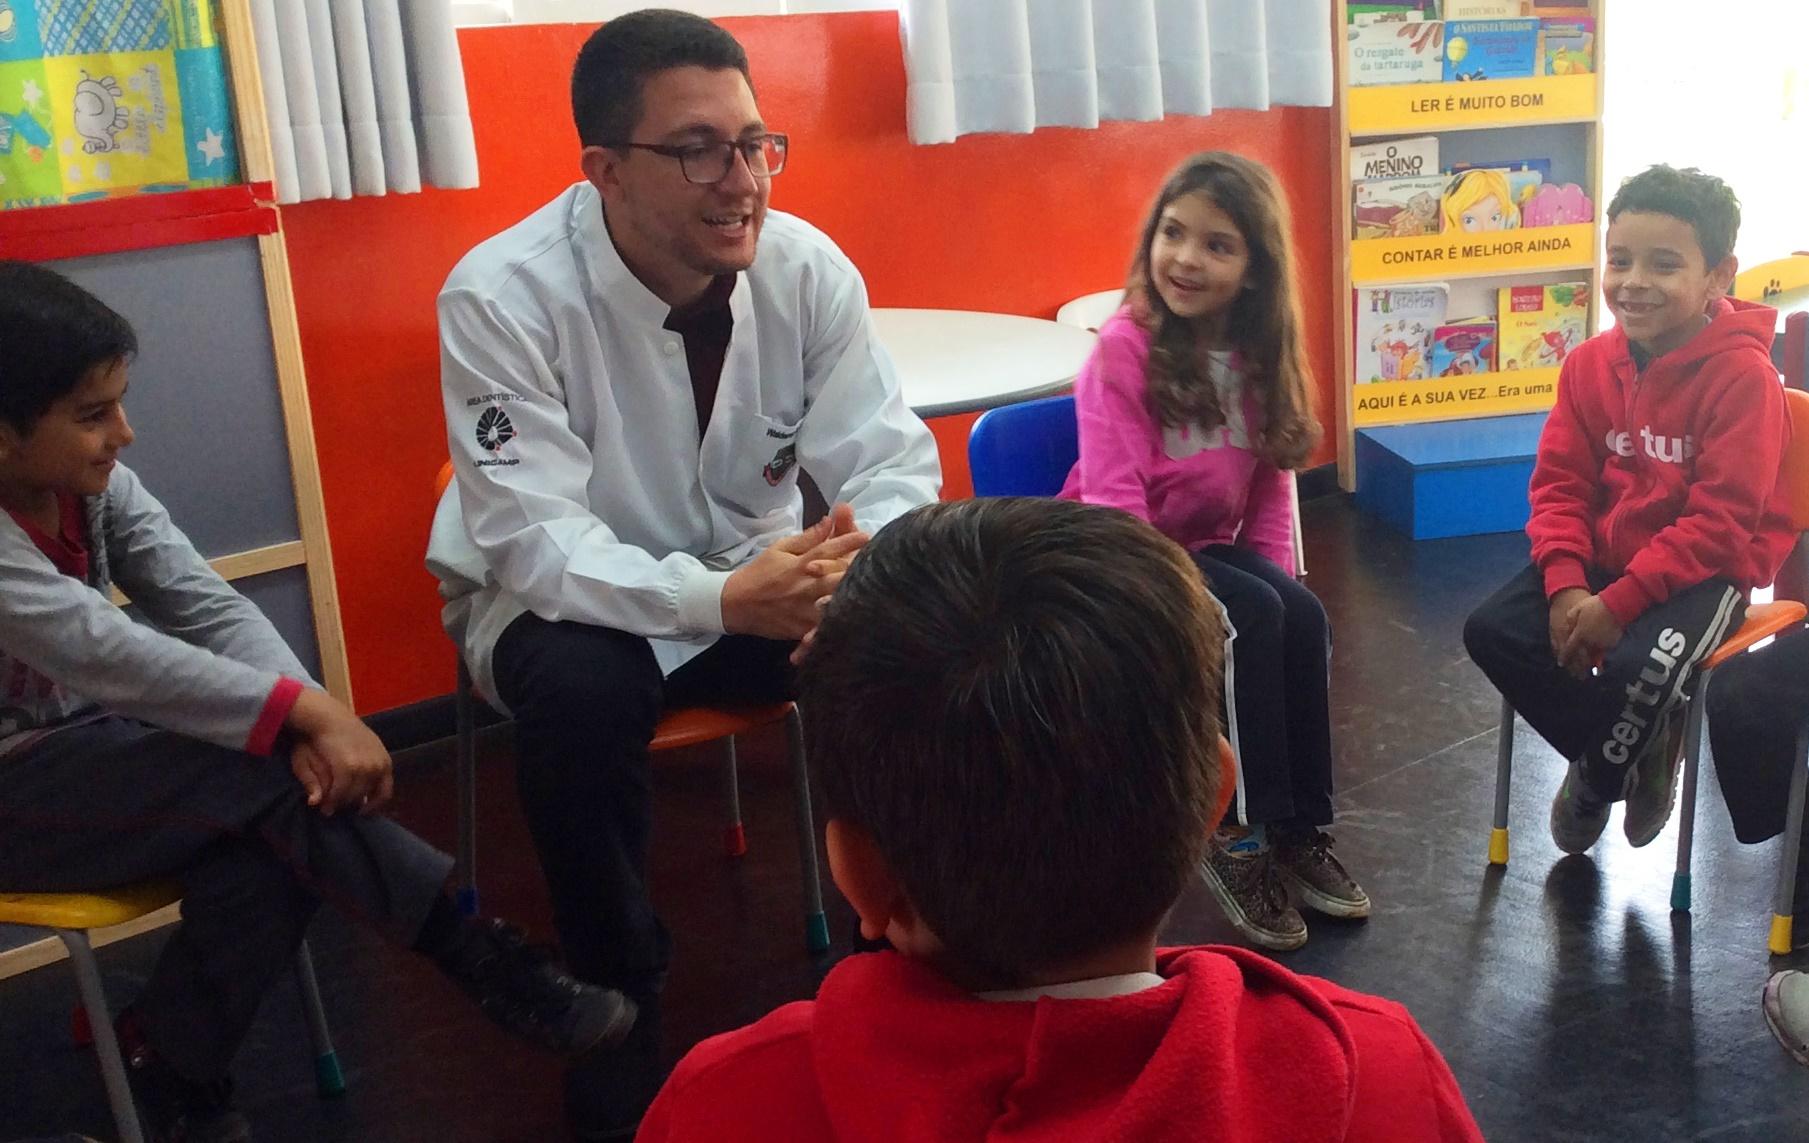 Dr. Waldemir esclarece as dúvidas das crianças